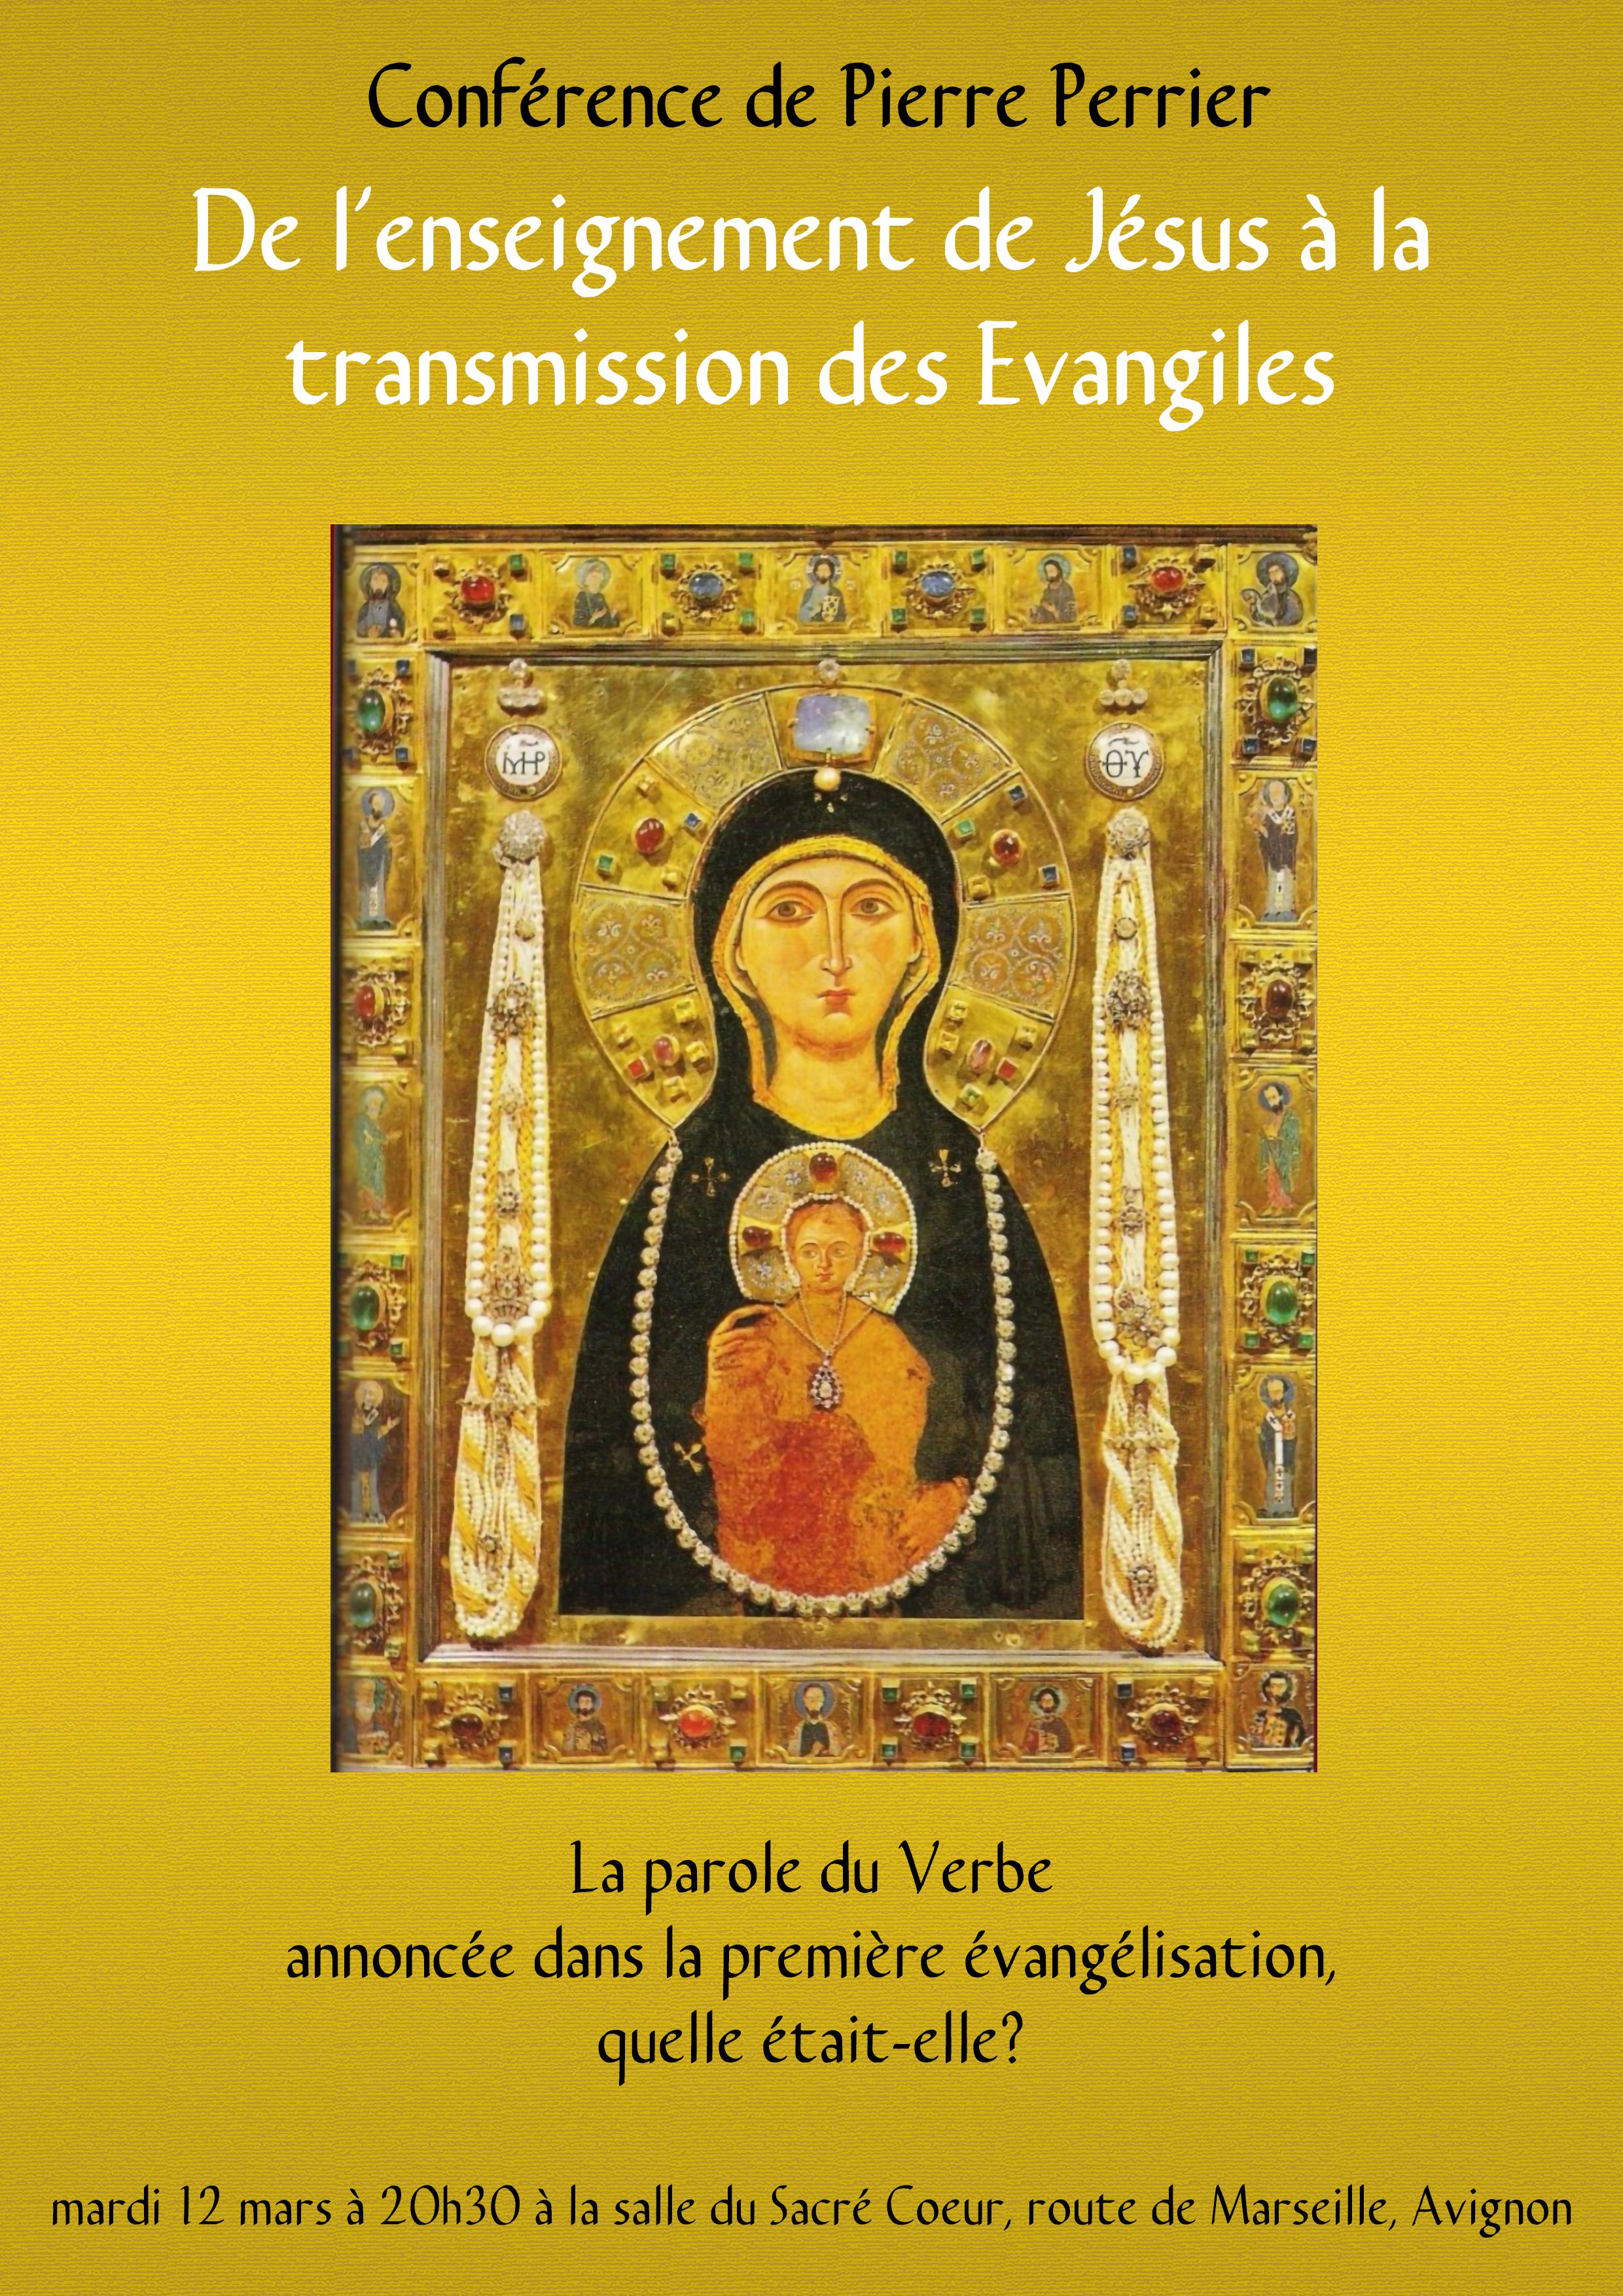 Conférence: Enseignement de Jésus et transmission des Evangiles – le 12 mars 2019 à Avignon (84)